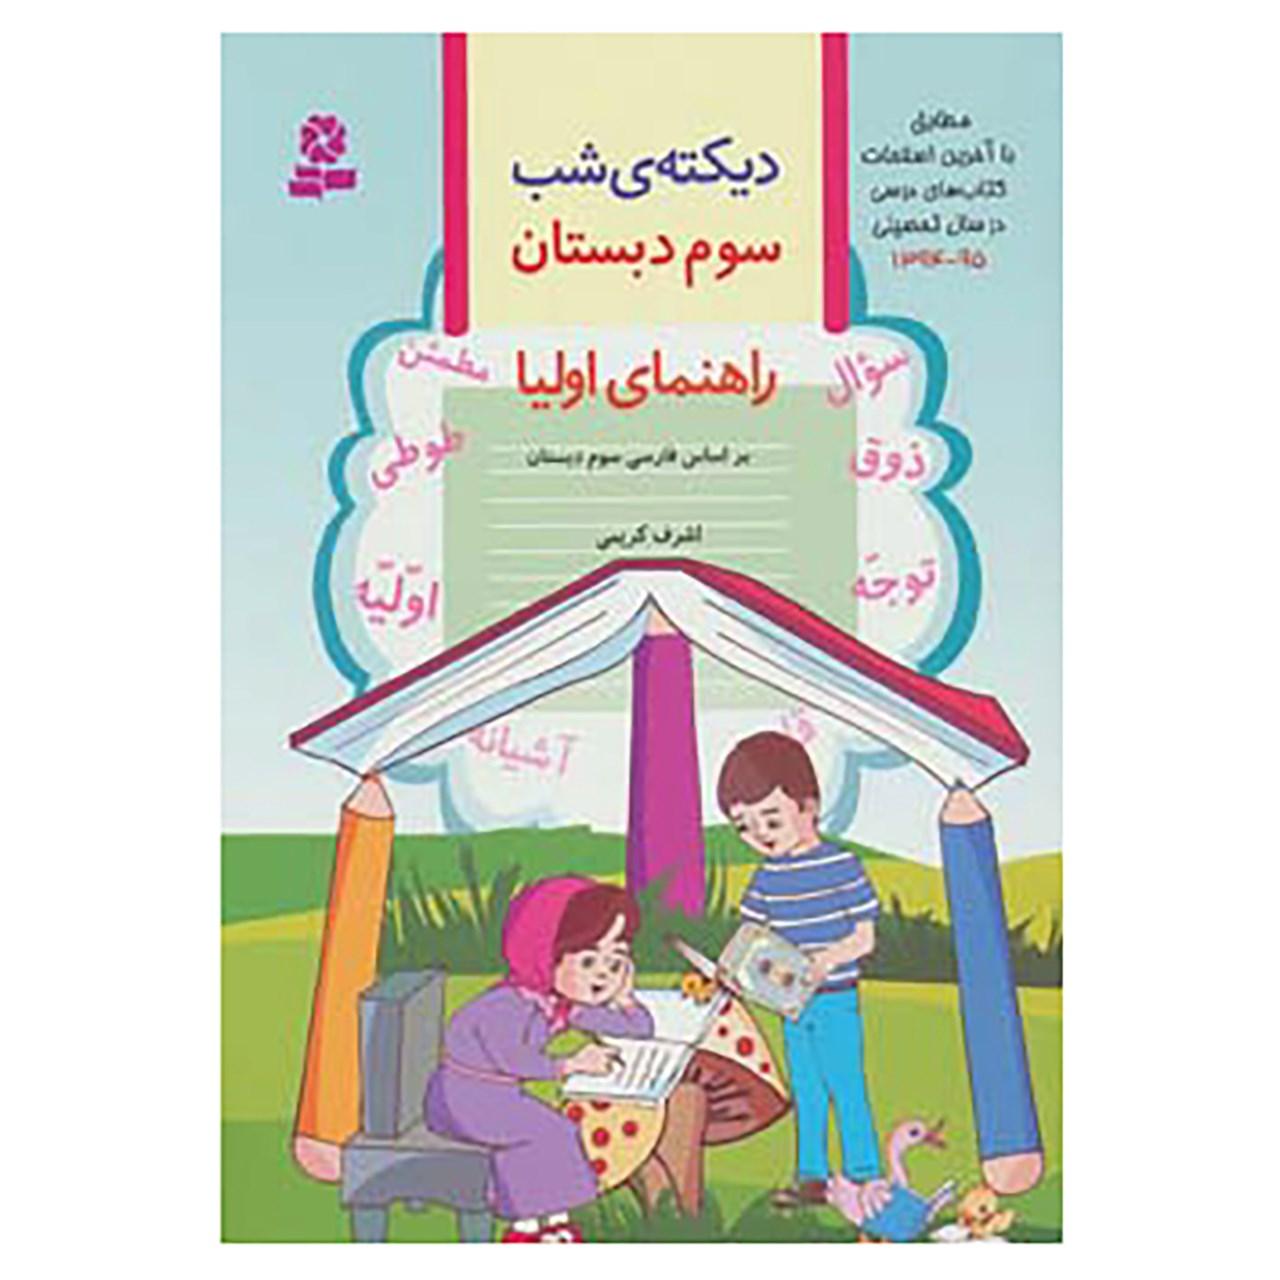 کتاب دیکته ی شب سوم دبستان اثر اشرف کریمی